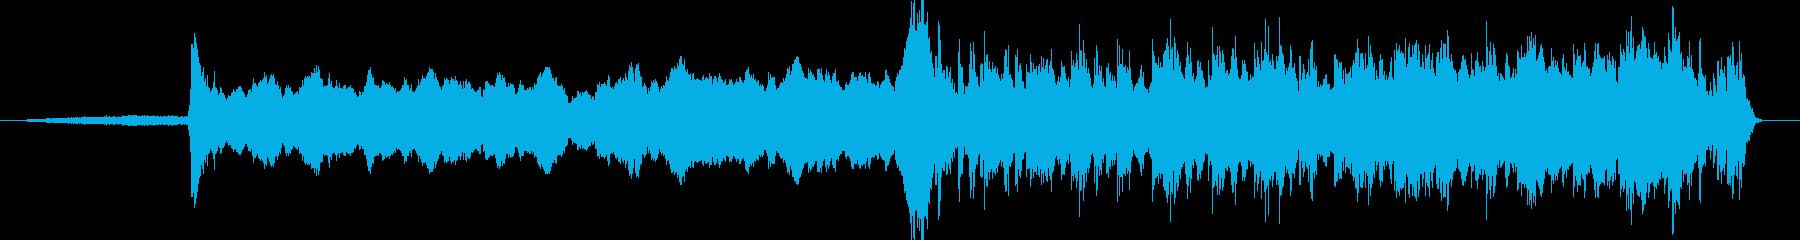 重厚、途中からドラムアンサンブル中心の再生済みの波形